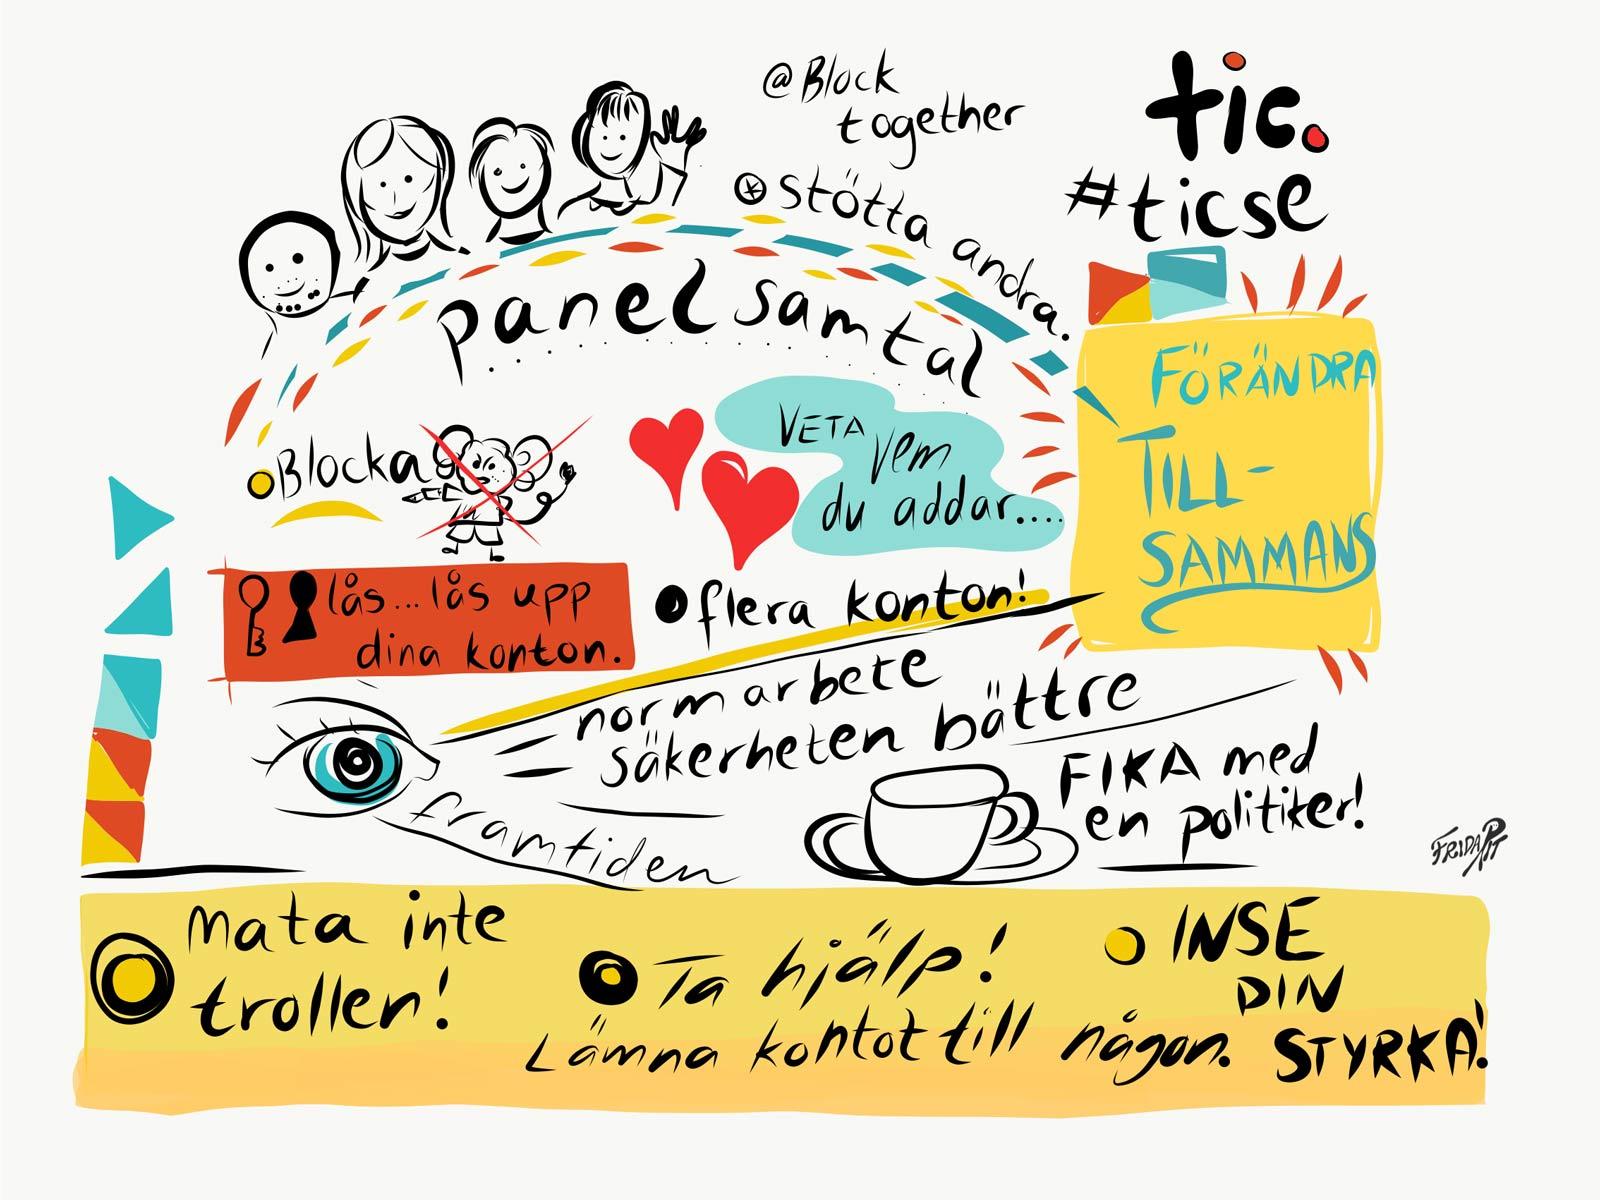 Graphic recording av paneldebatten om bloggdrev, näthat och politik. Av Frida Panoussis, fridarit.se.